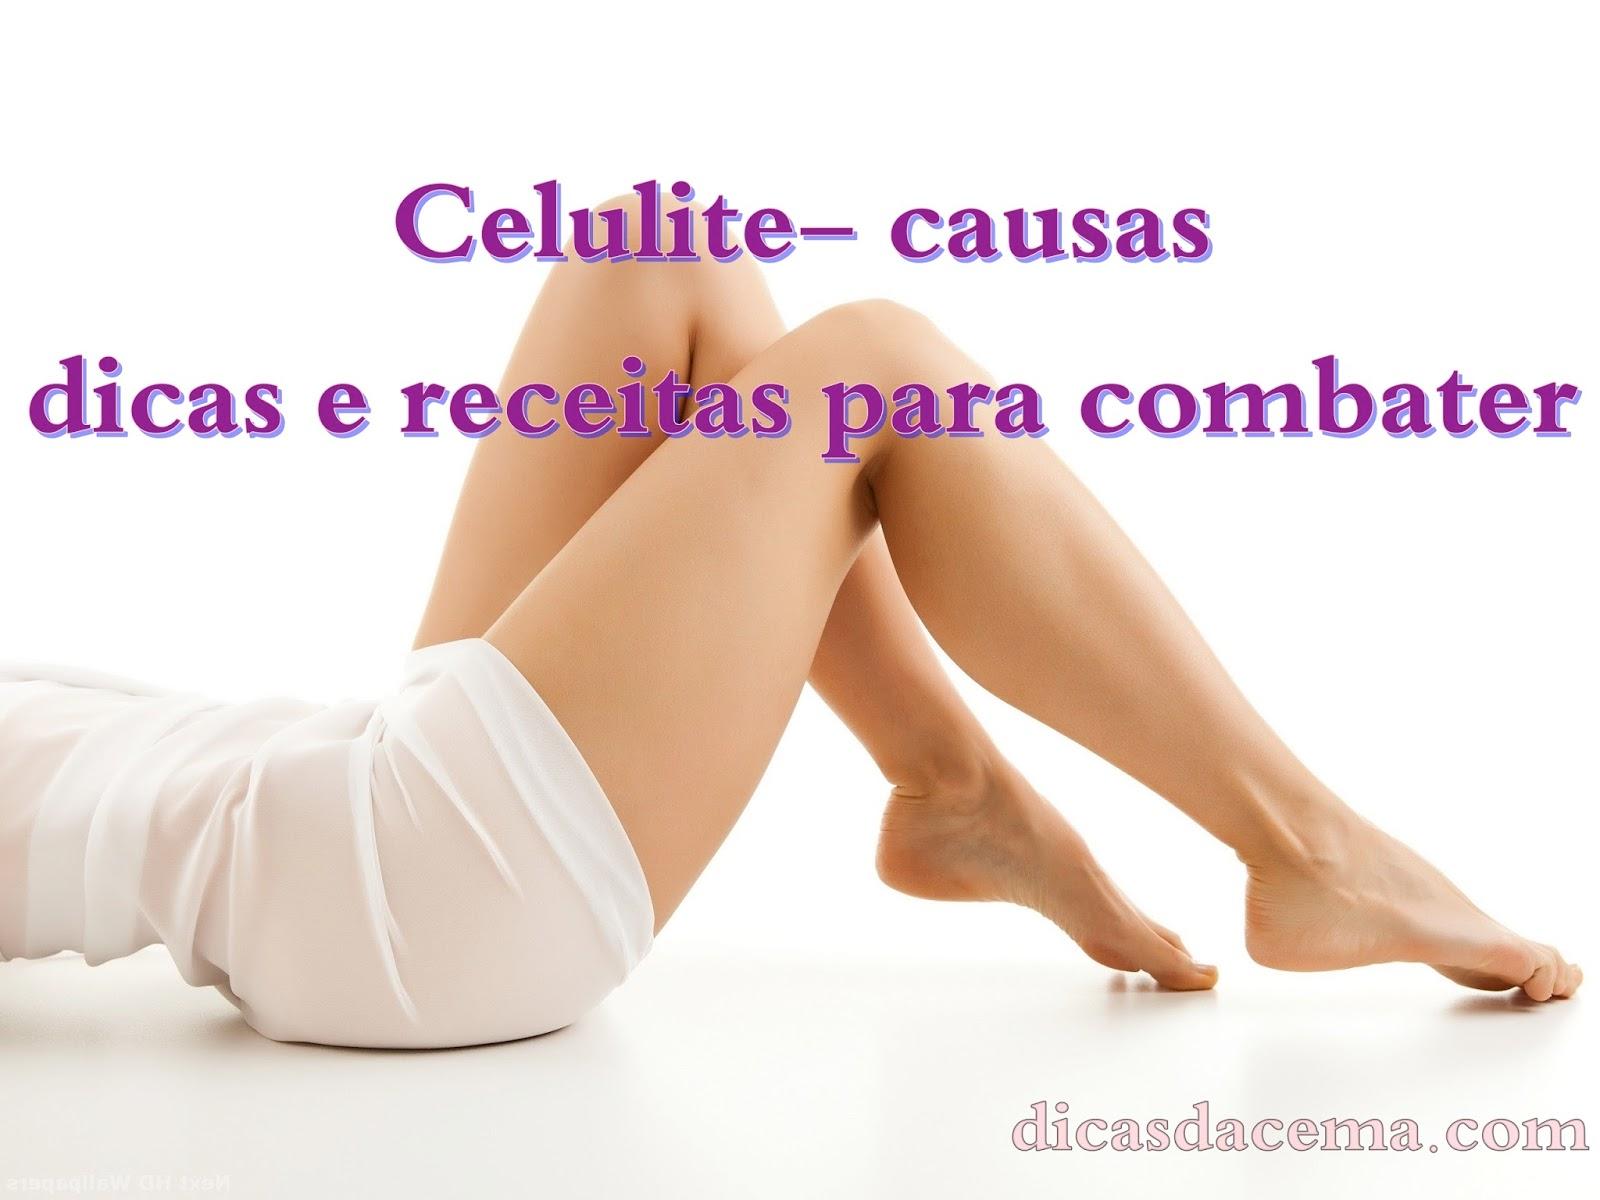 celulite-causas-dicas-para-combater-capa